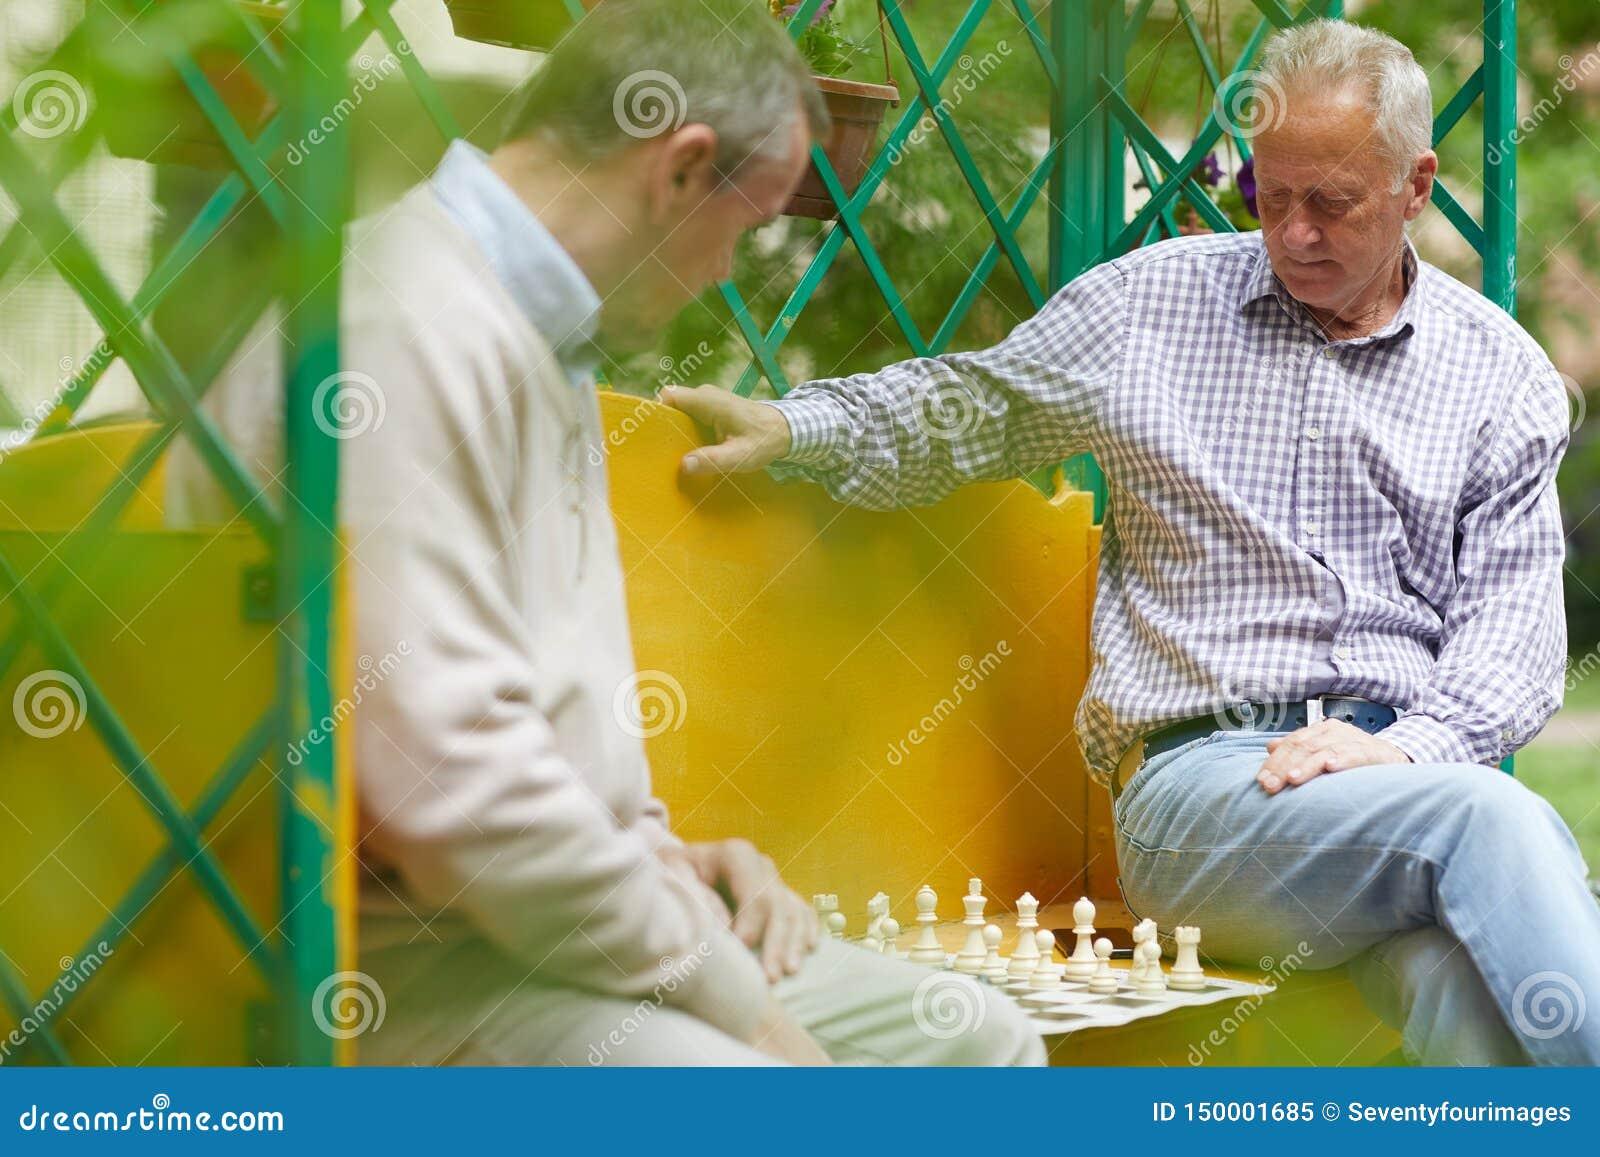 Spela schackyttersidan